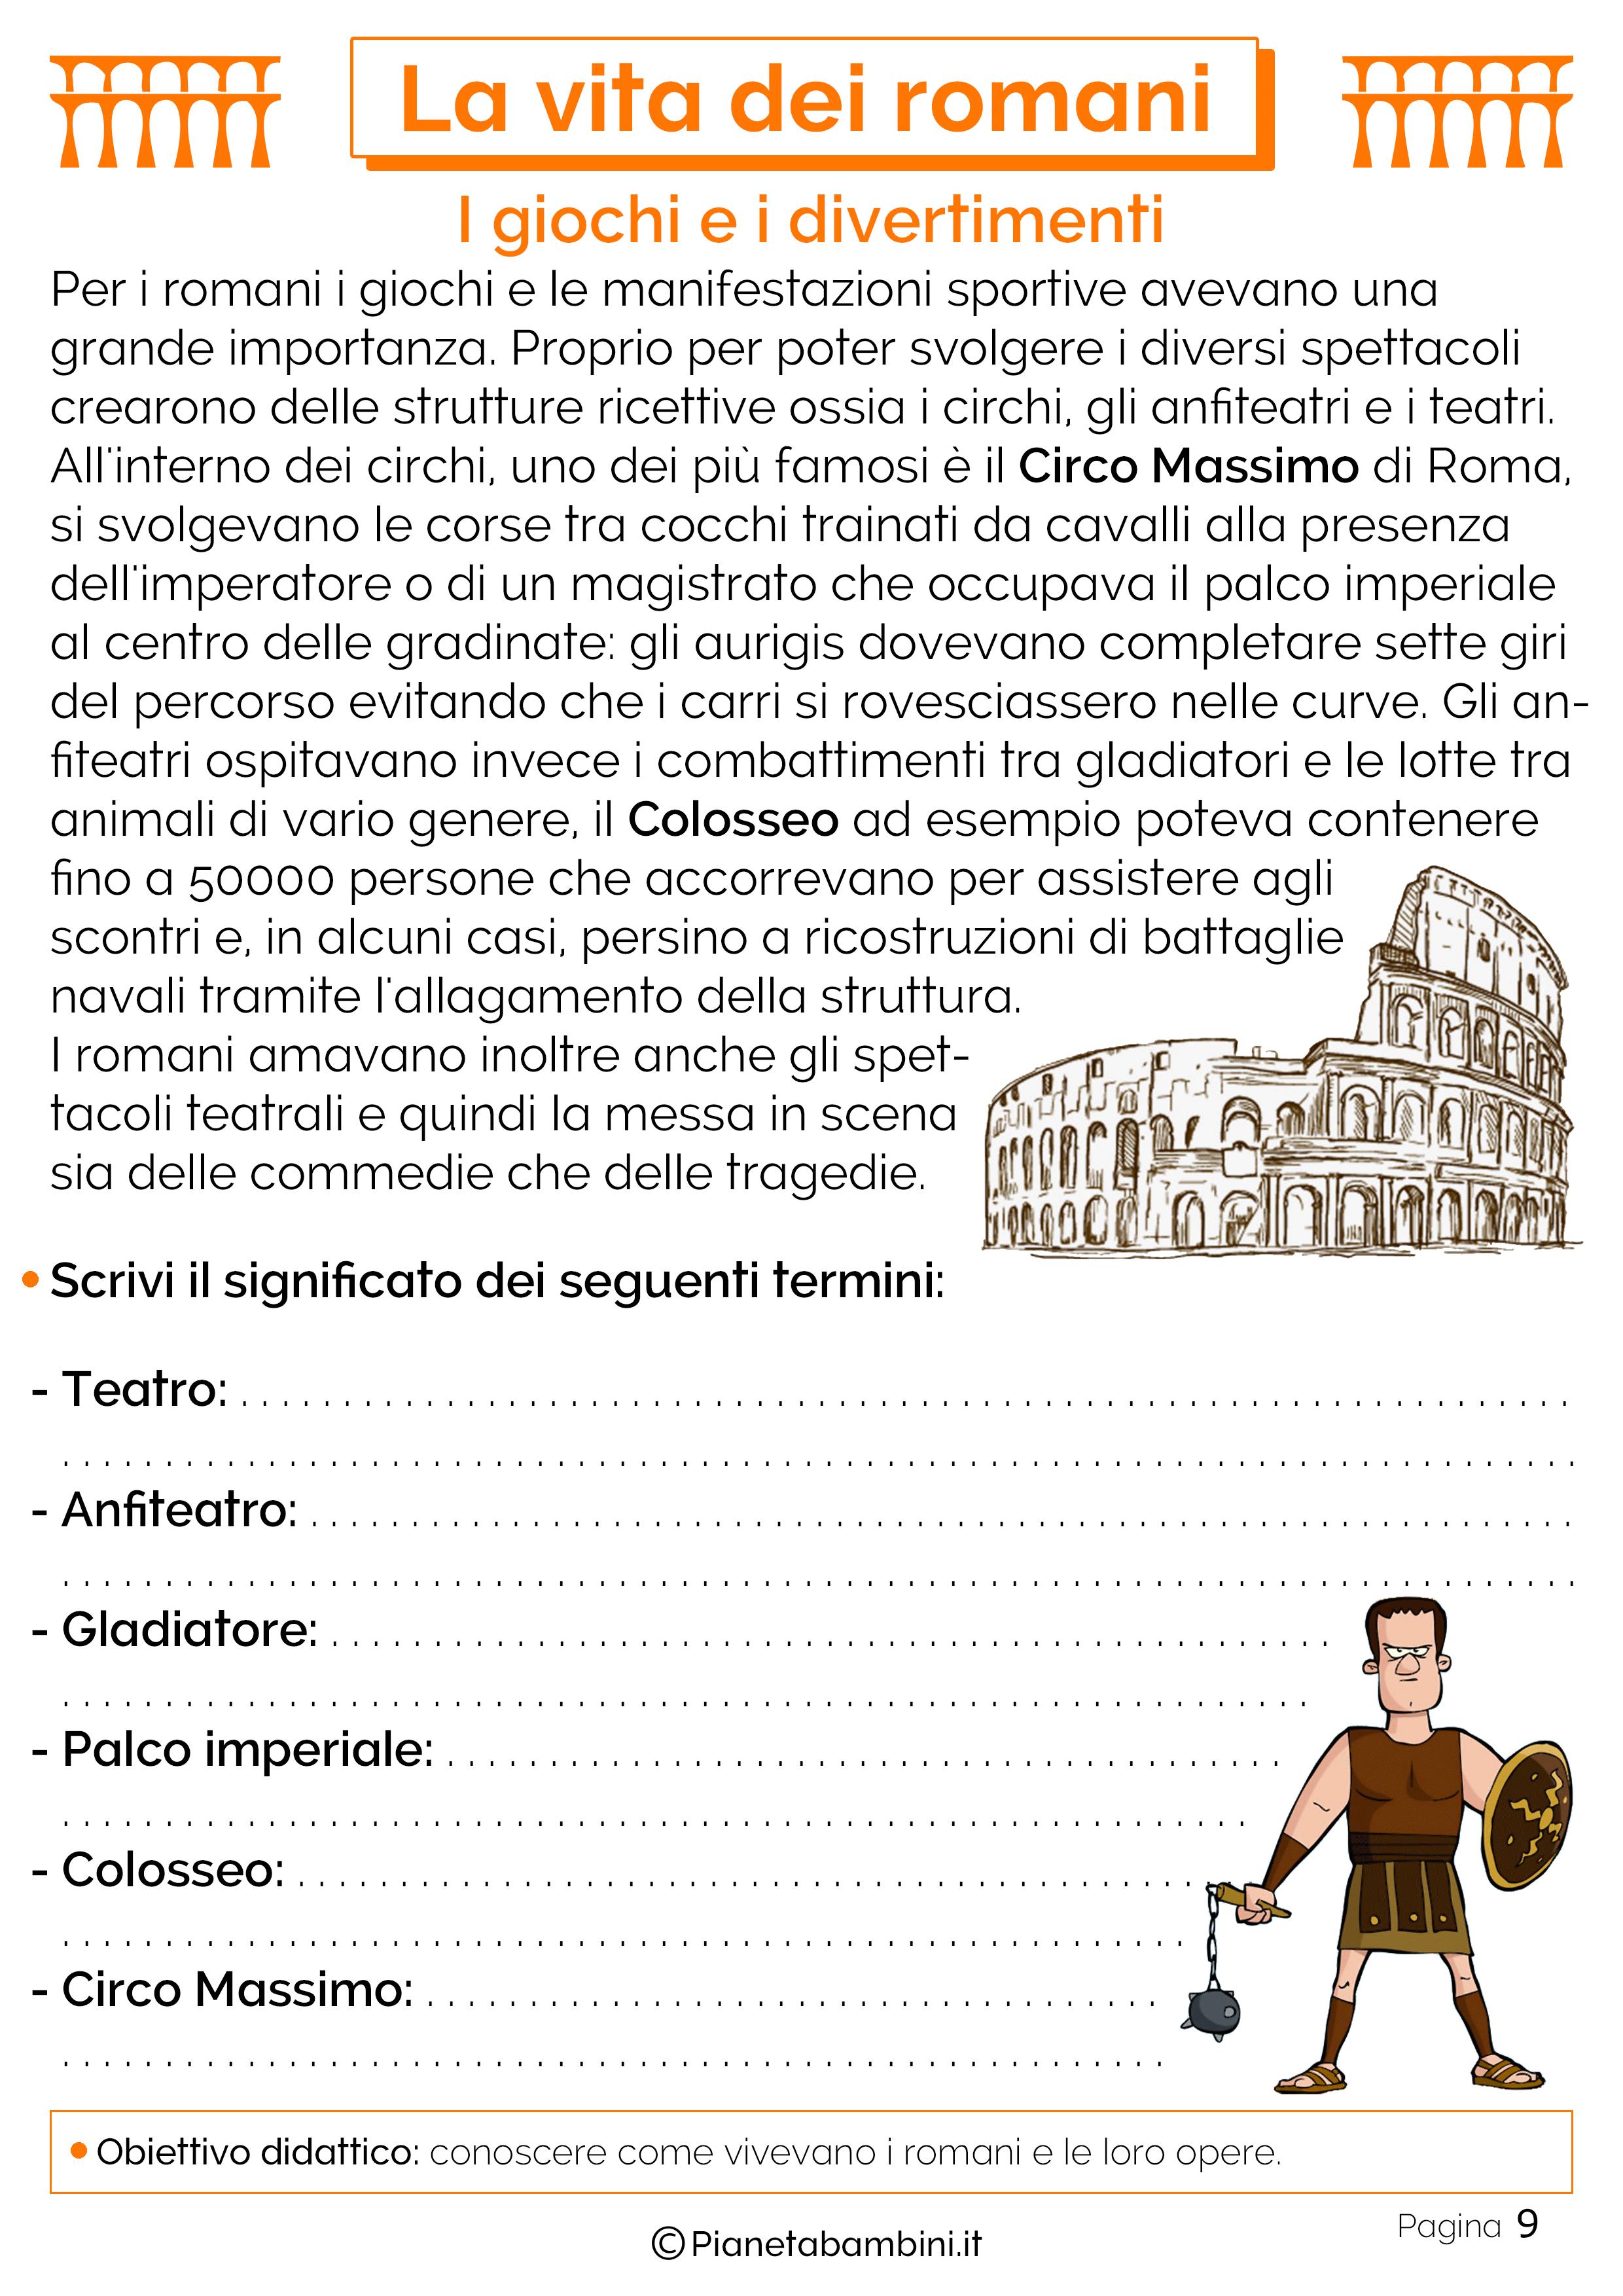 Il Colosseo e i giochi romani